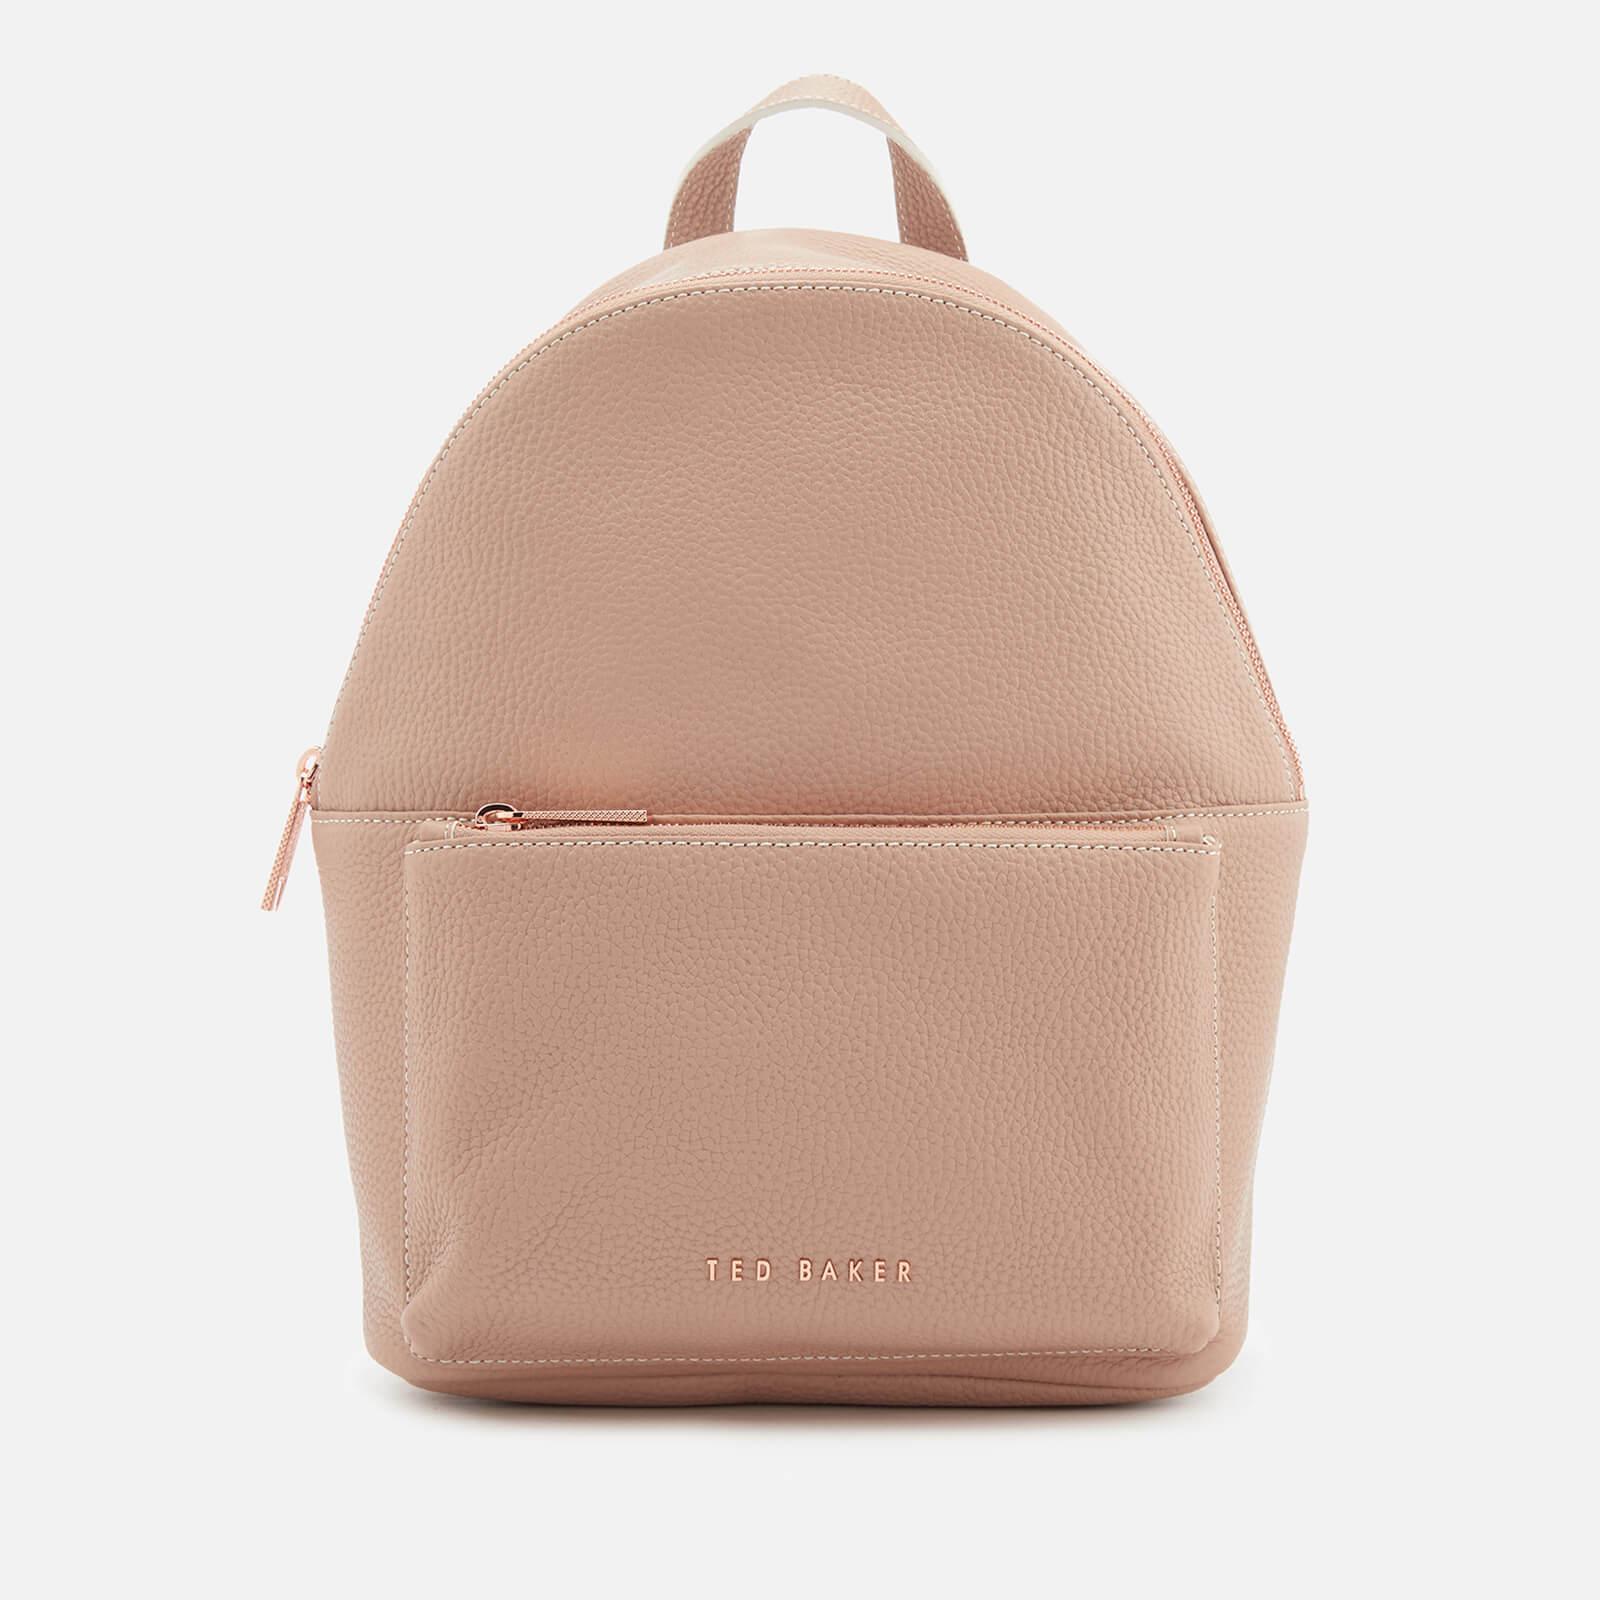 43018c5d2 Ted Baker Women's Pearen Soft Grain Backpack - Mink